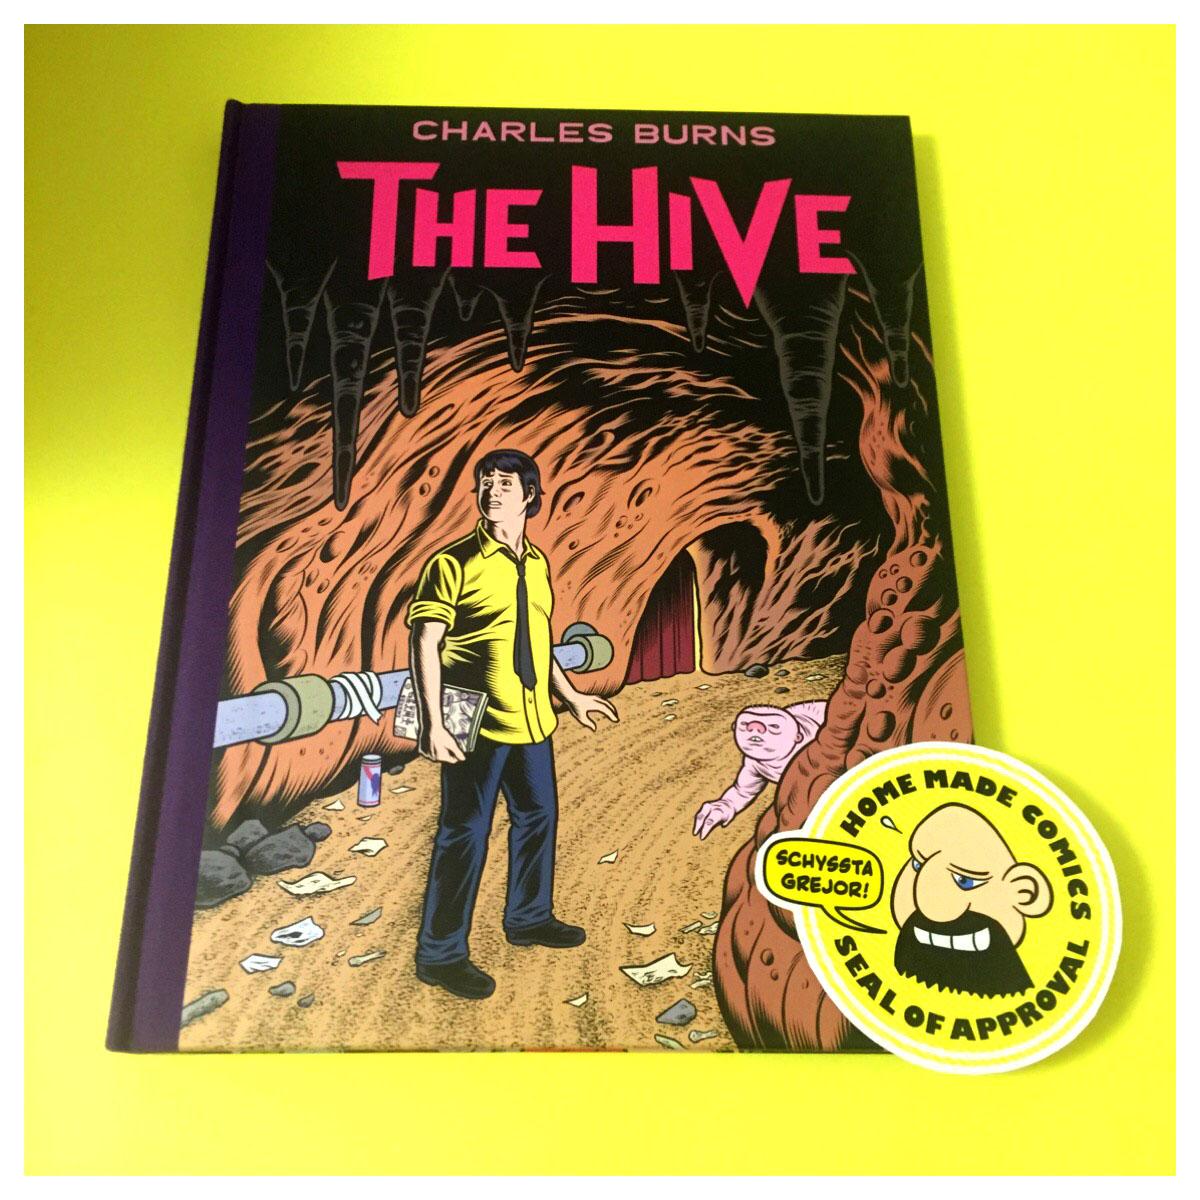 Home Made Comics Seal of Approval #183. The Hive av Charles Burns utgiven av Pantheon 2012.